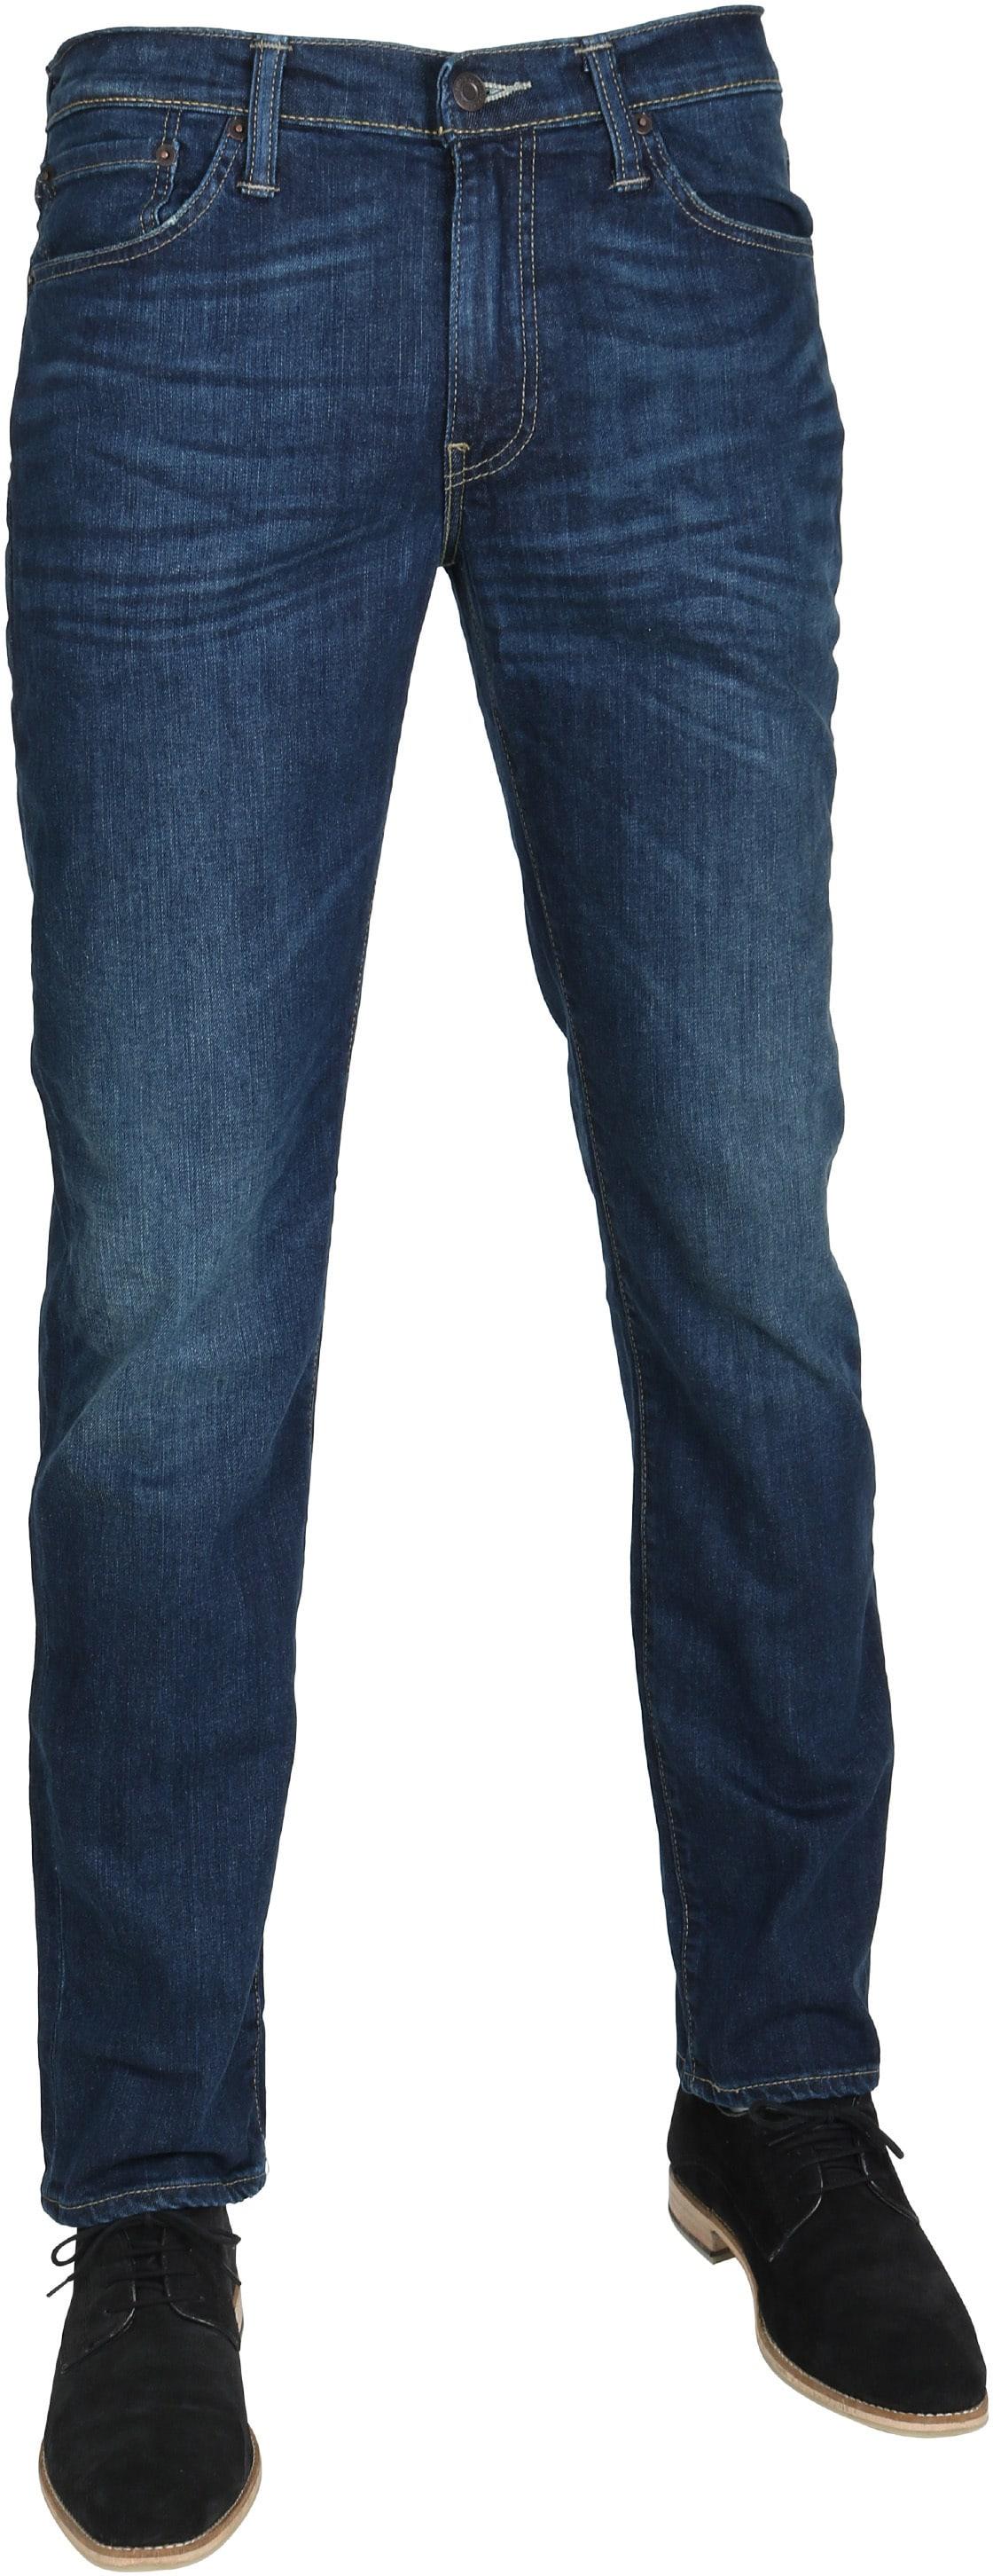 Levi's 511 Spijkerbroek Slim Fit 0709 foto 0